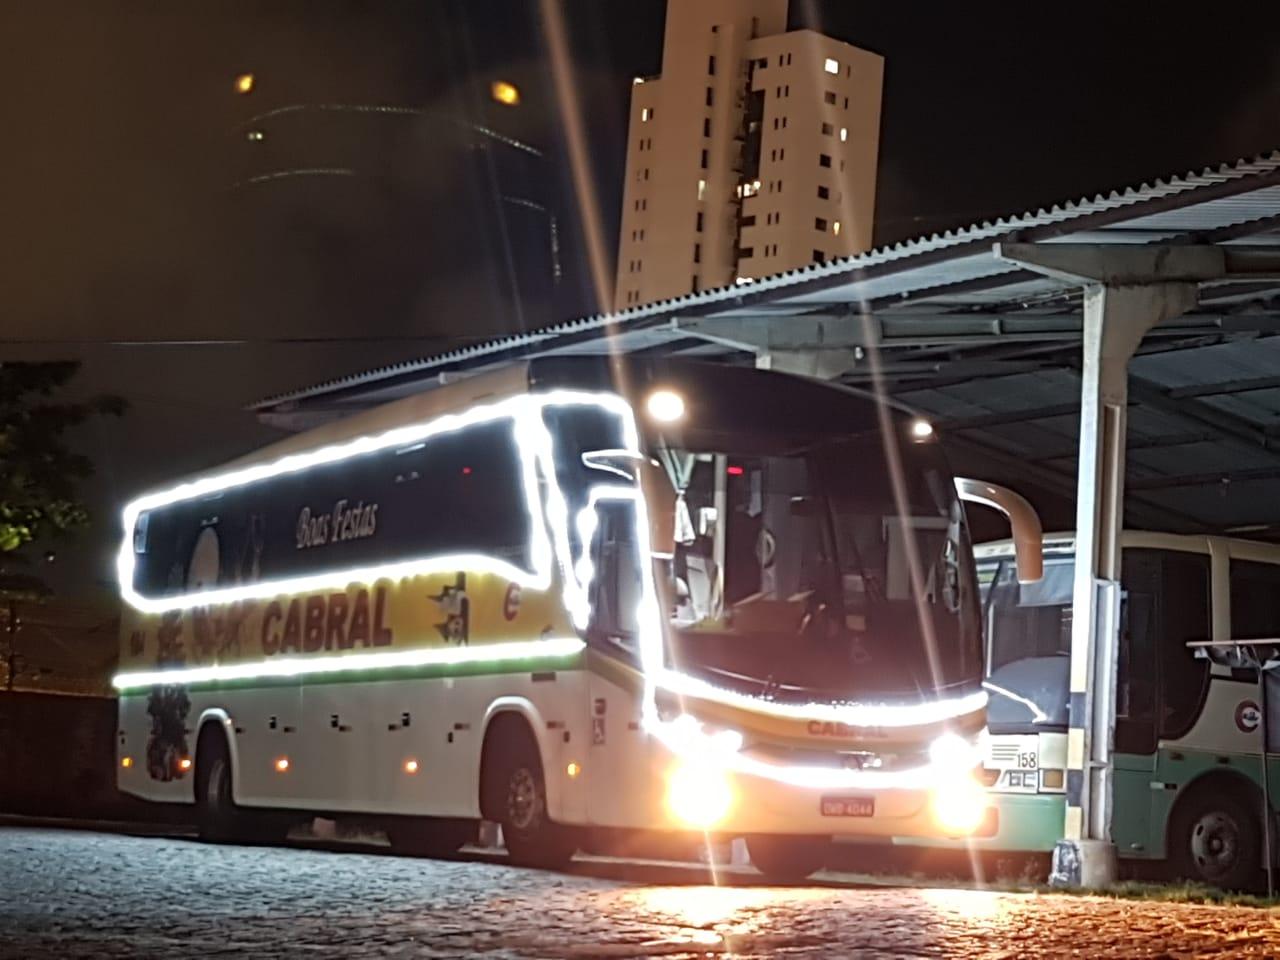 Cabral com ônibus enfeitados para o período natalino